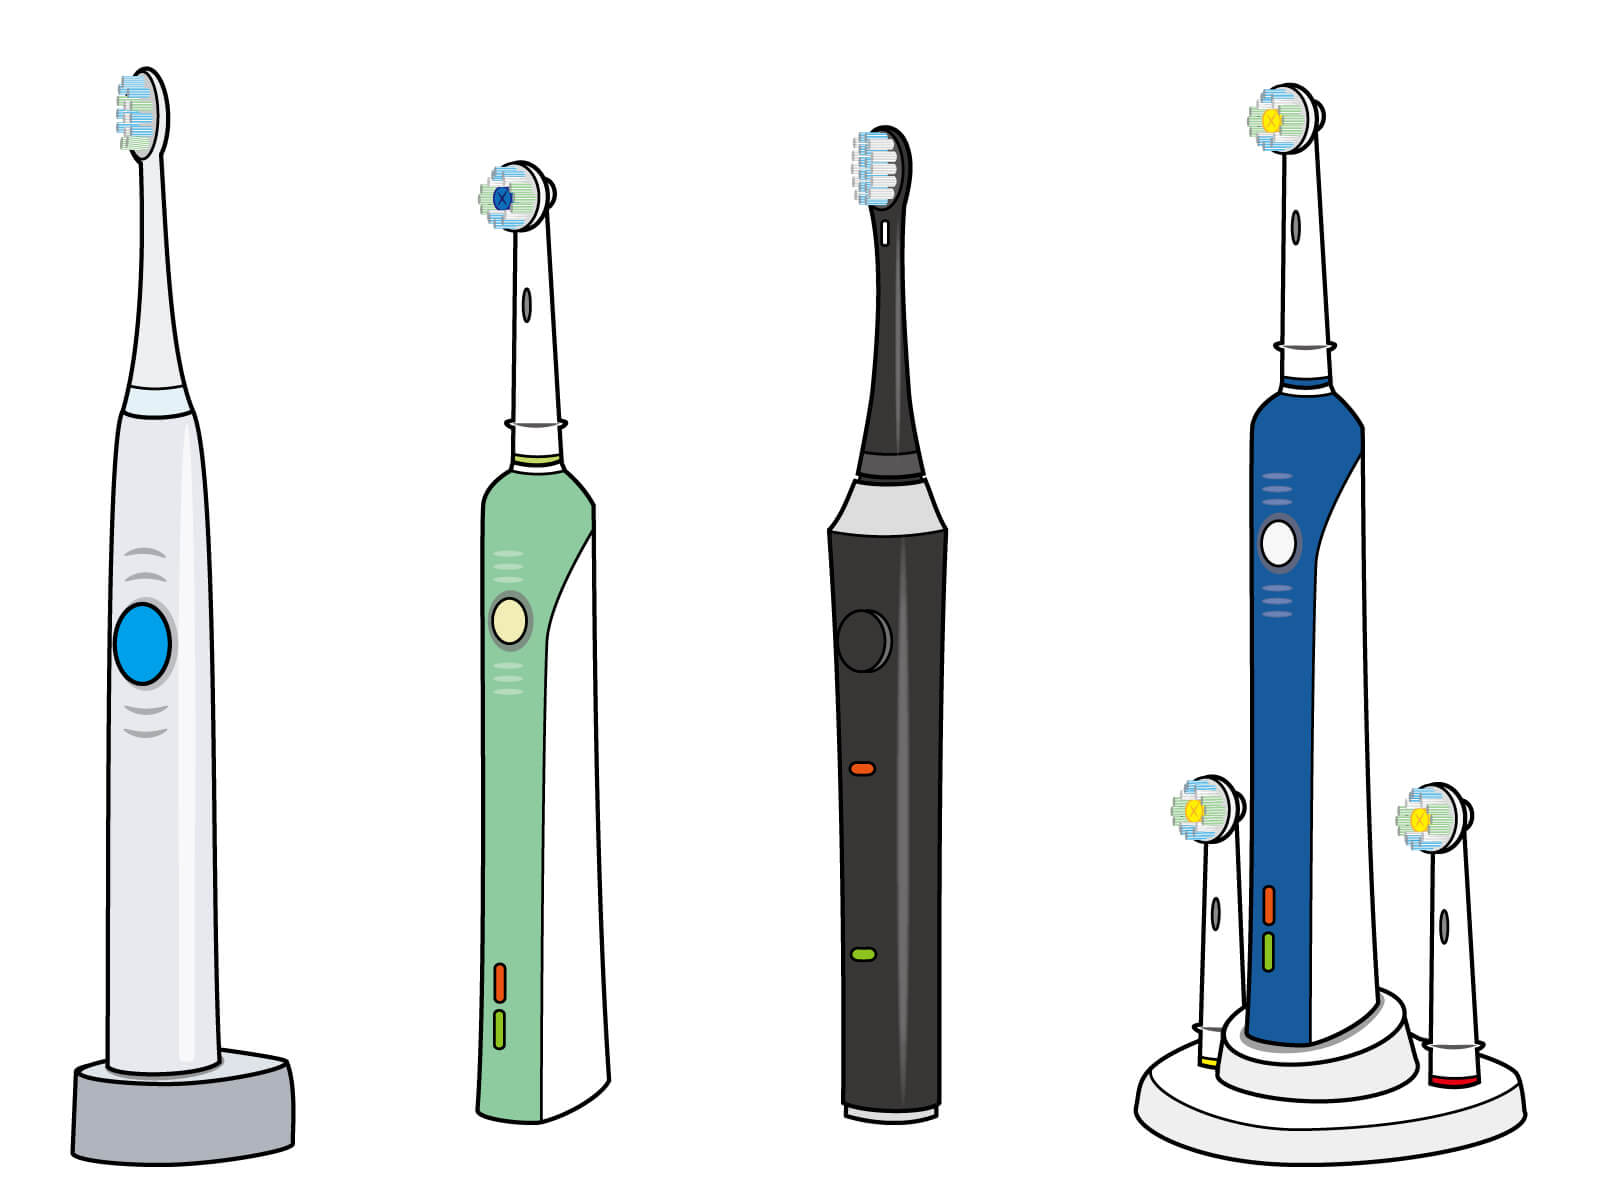 子供の仕上げ磨くようの電動歯ブラシのイメージ図